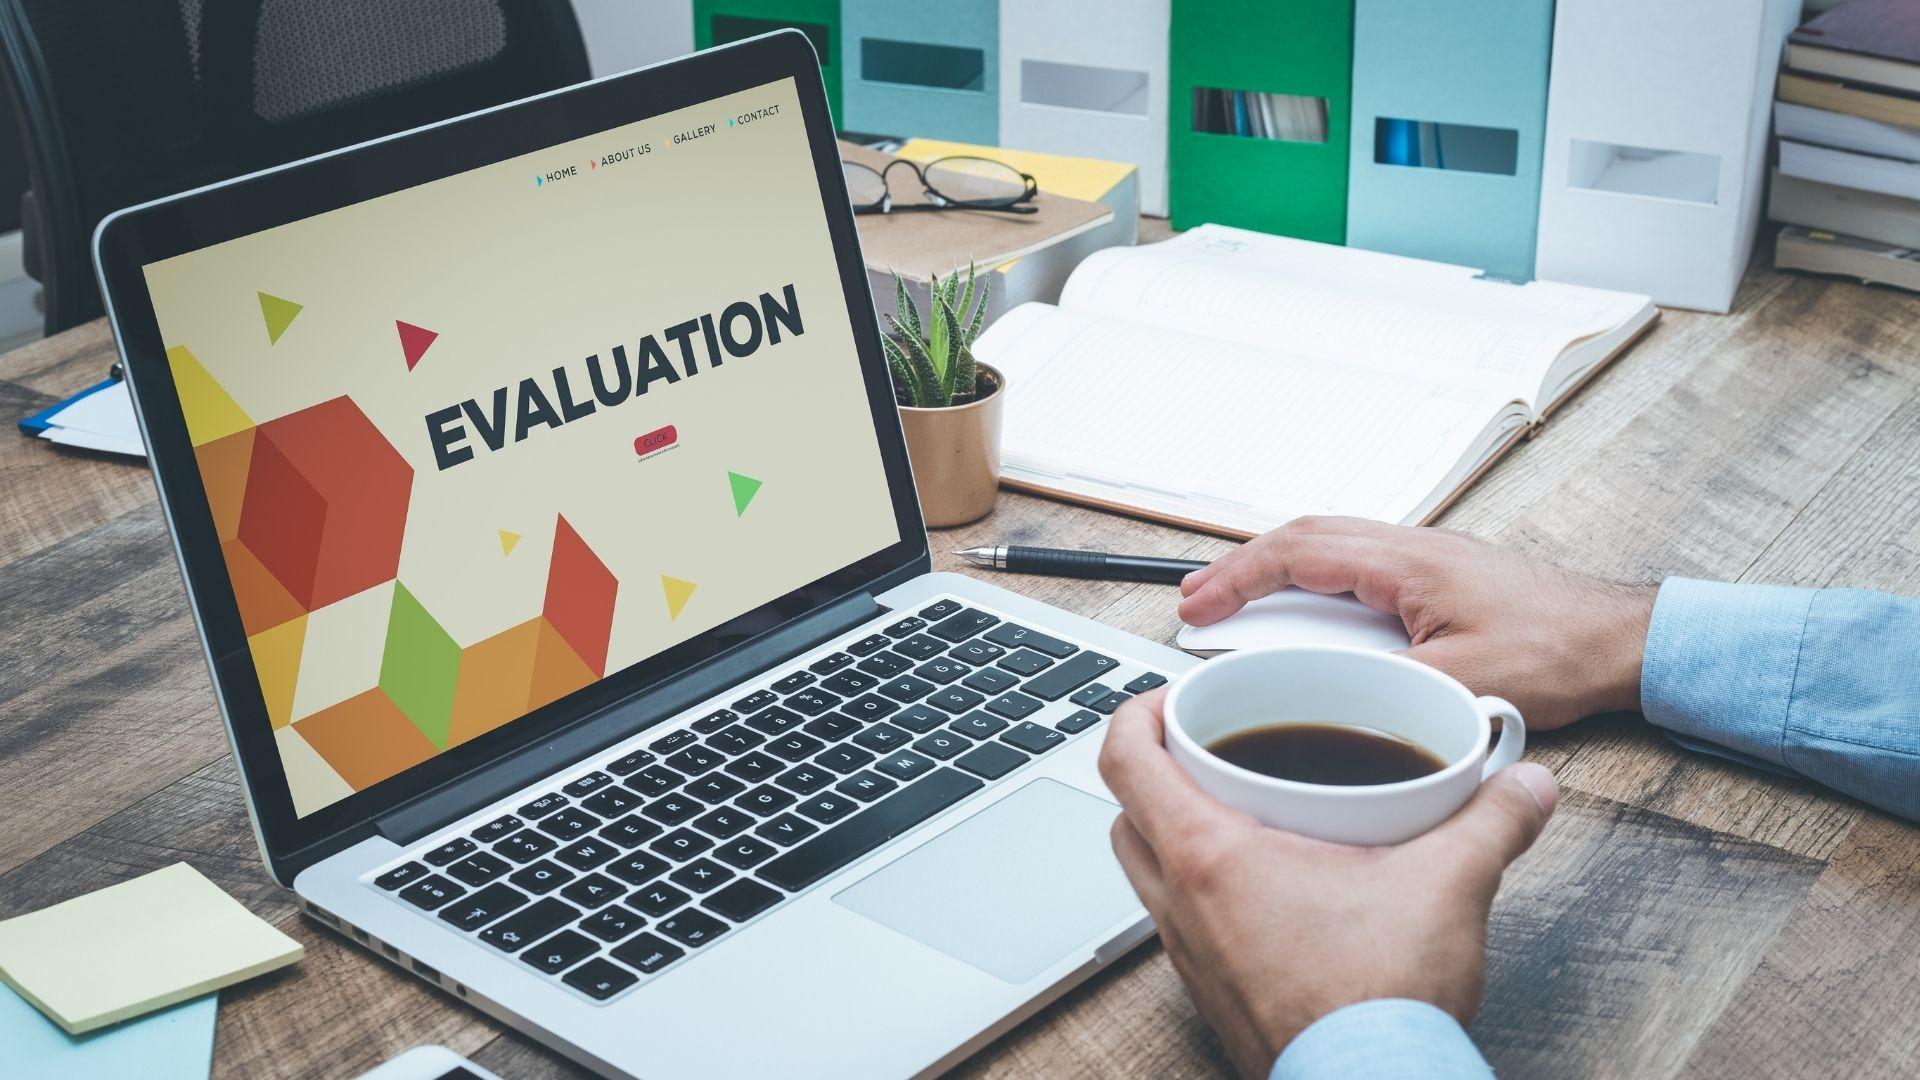 Des évaluations et certifications pour contrer les problèmes de main-d'œuvre